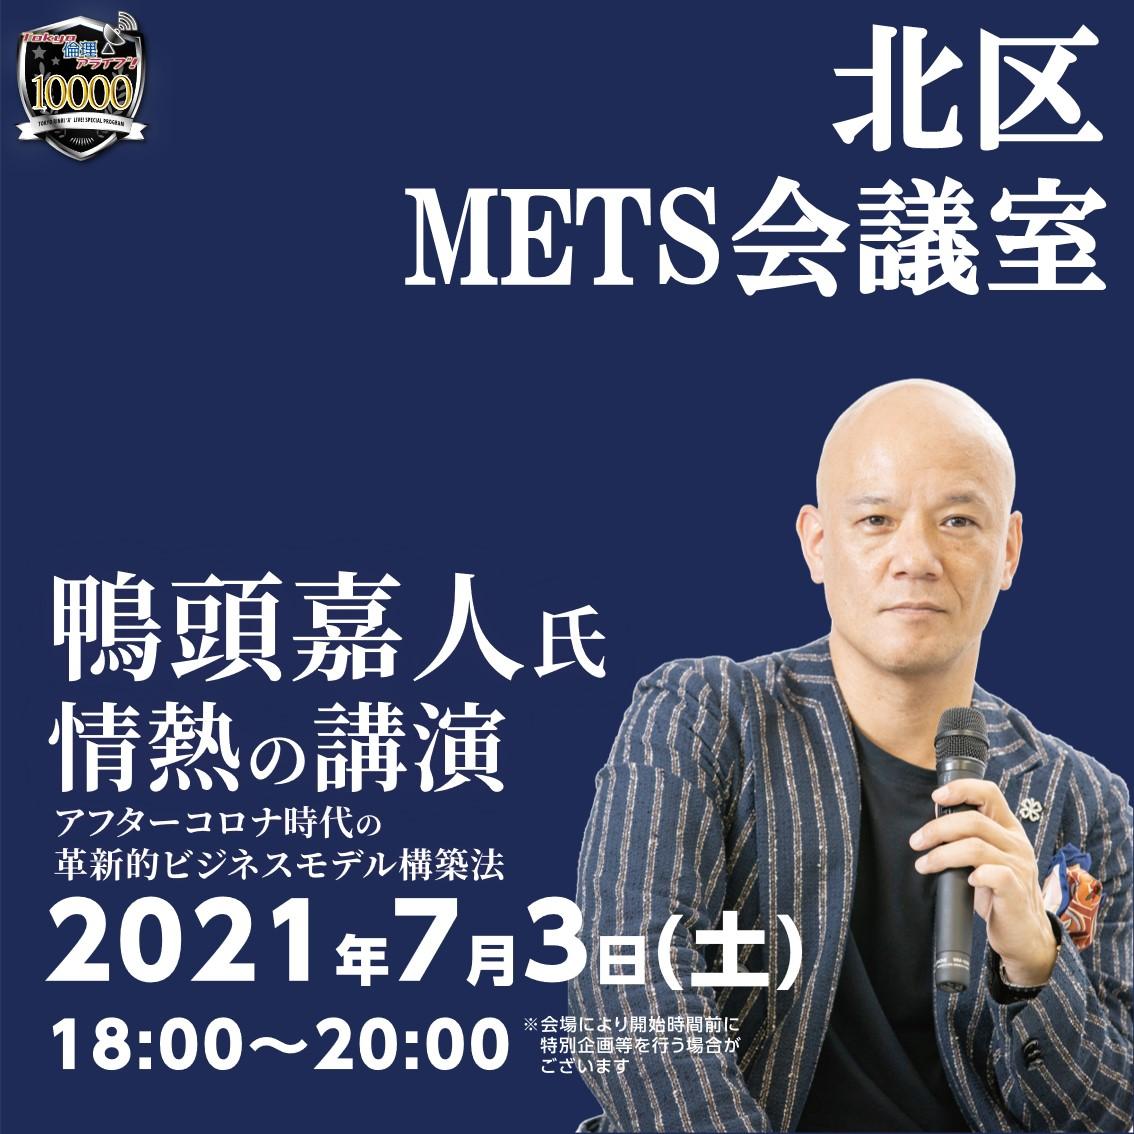 【北区】倫理アライブ10000サテライト会場【METS会議室】